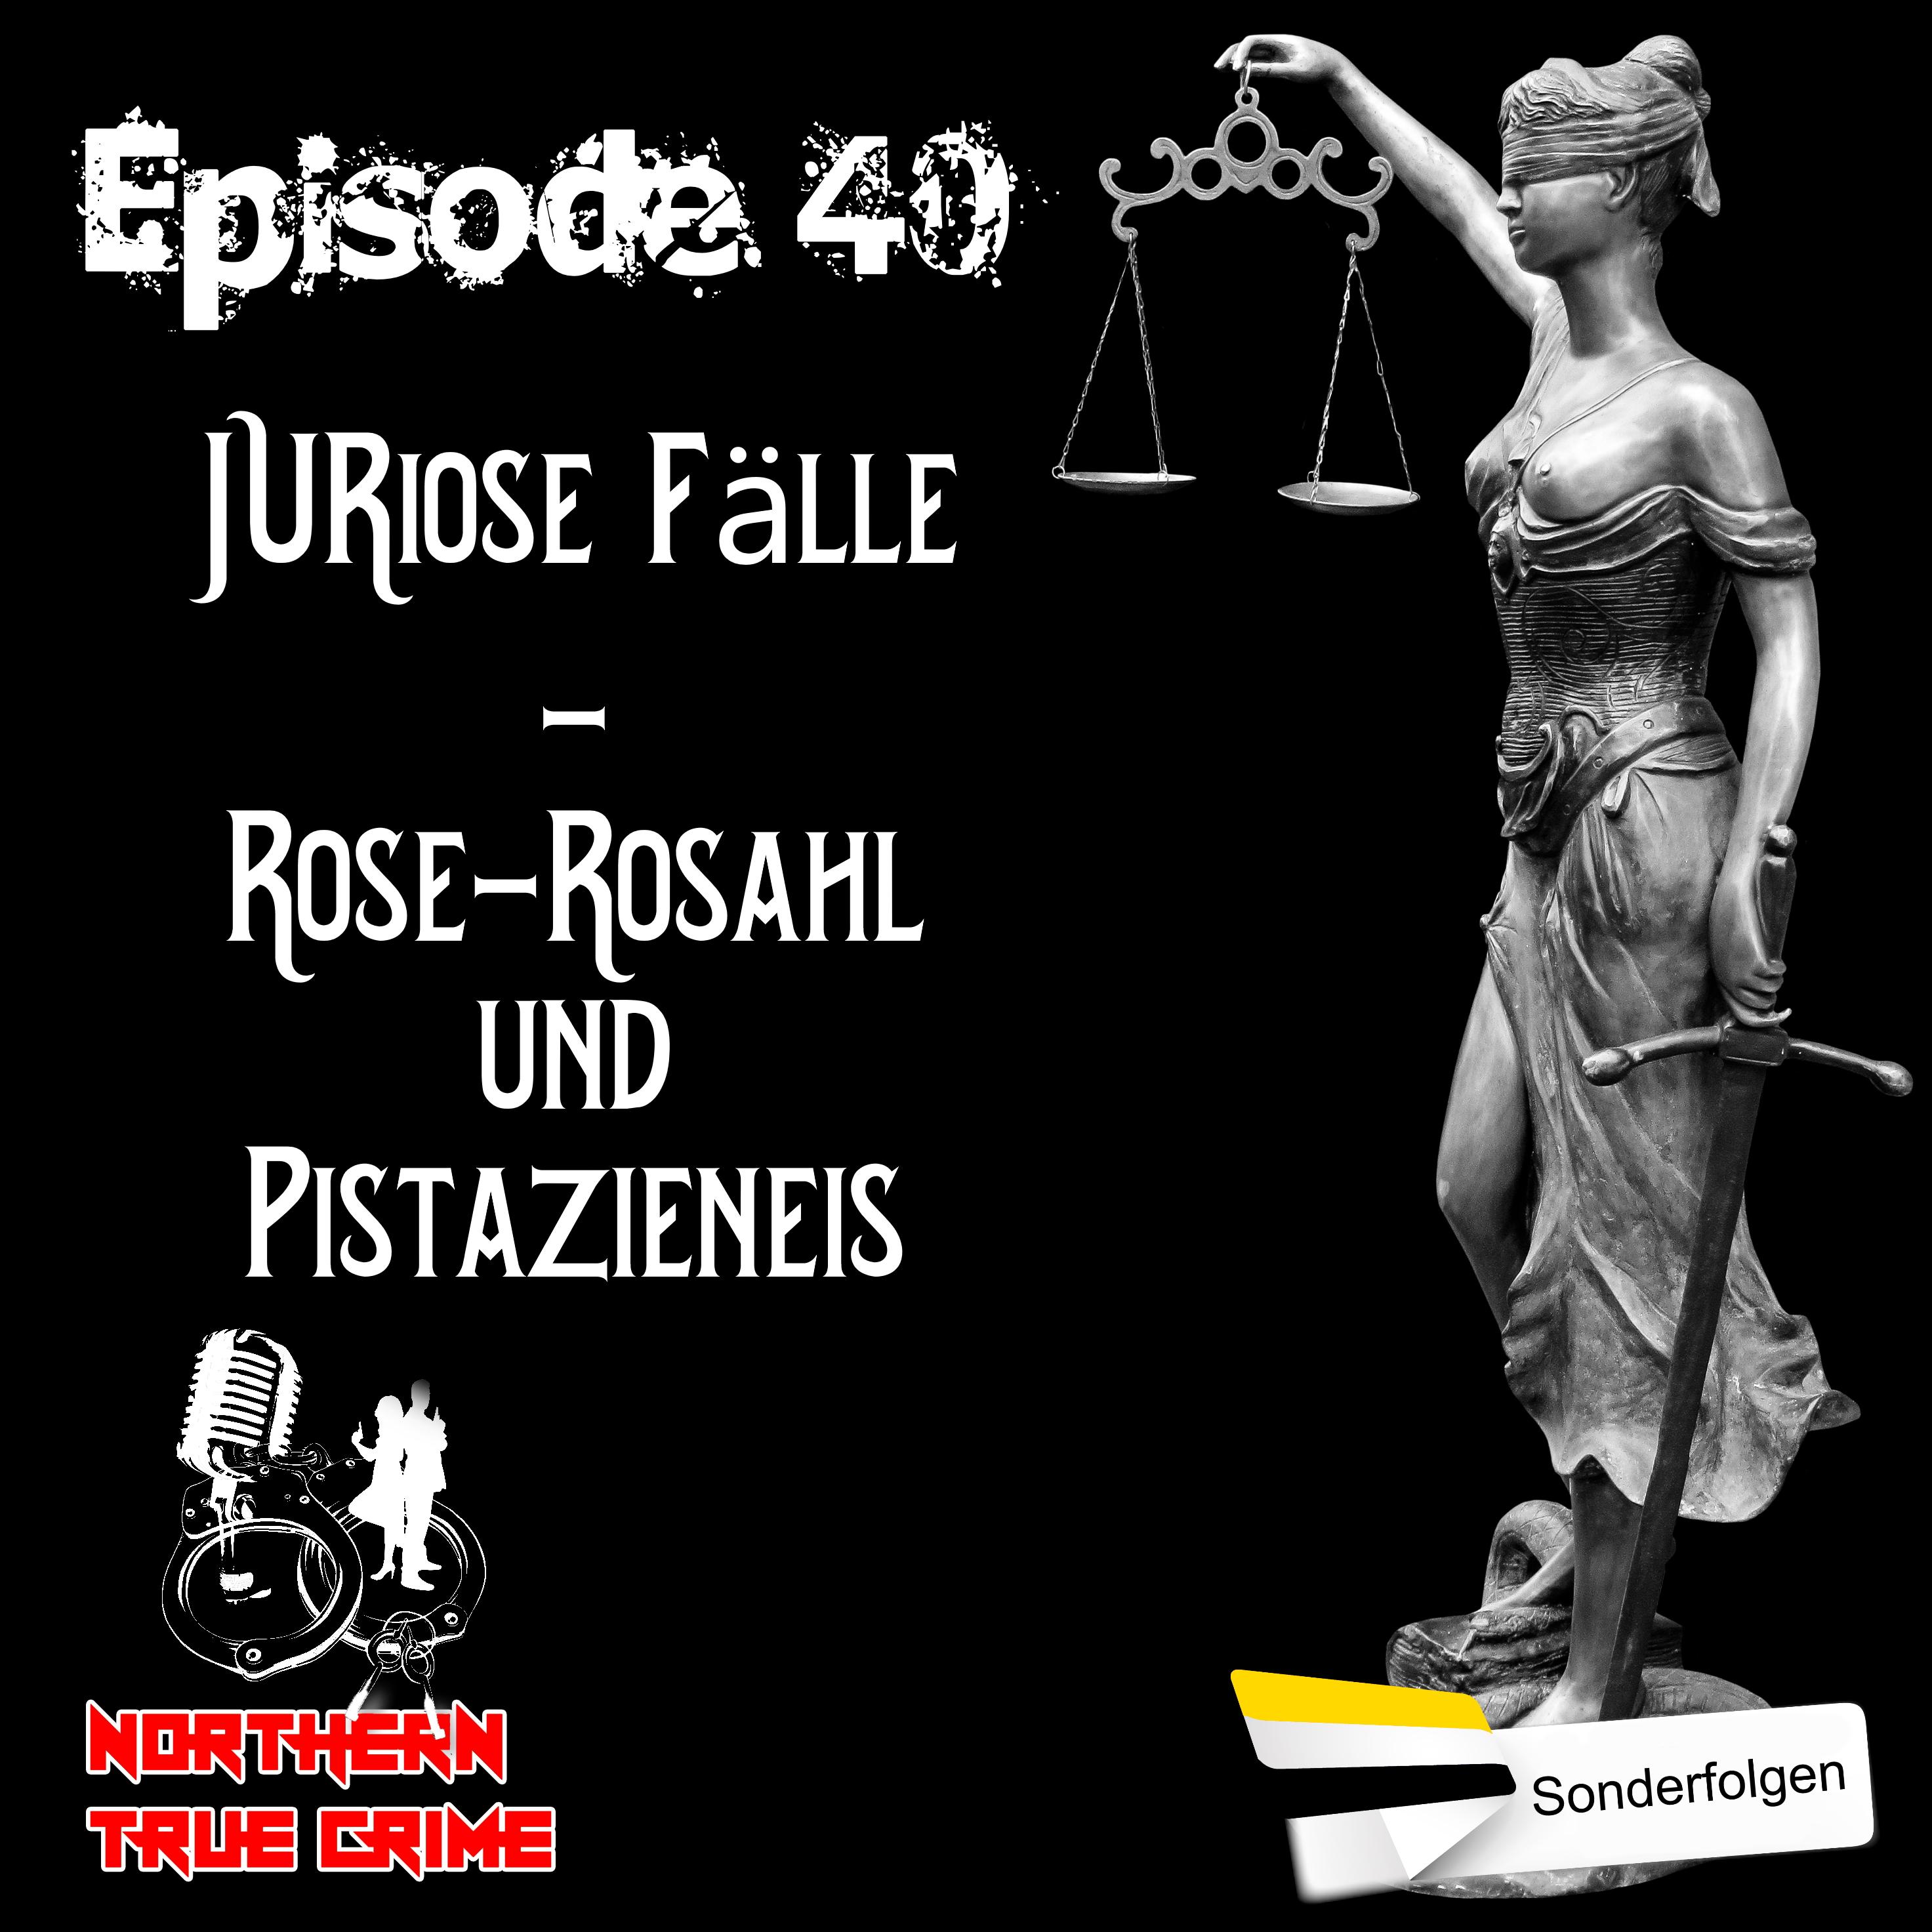 #40 JURiose Fälle - Rose-Rosahl und Pistanzieneis